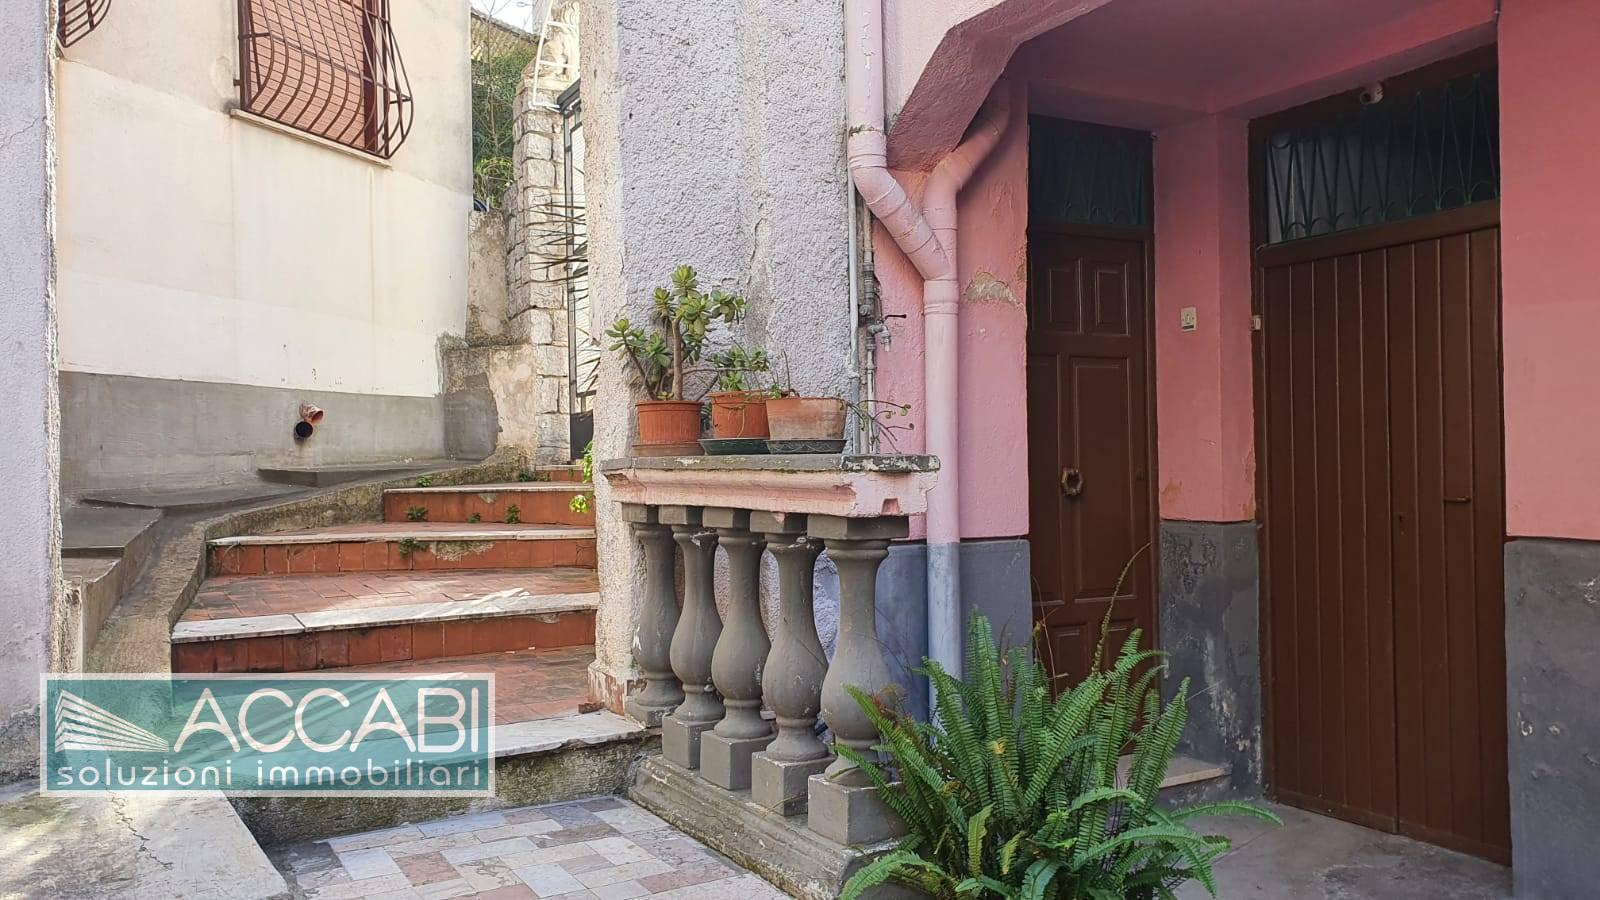 Appartamento in vendita a Palermo, 3 locali, zona tafimi, prezzo € 65.000   PortaleAgenzieImmobiliari.it